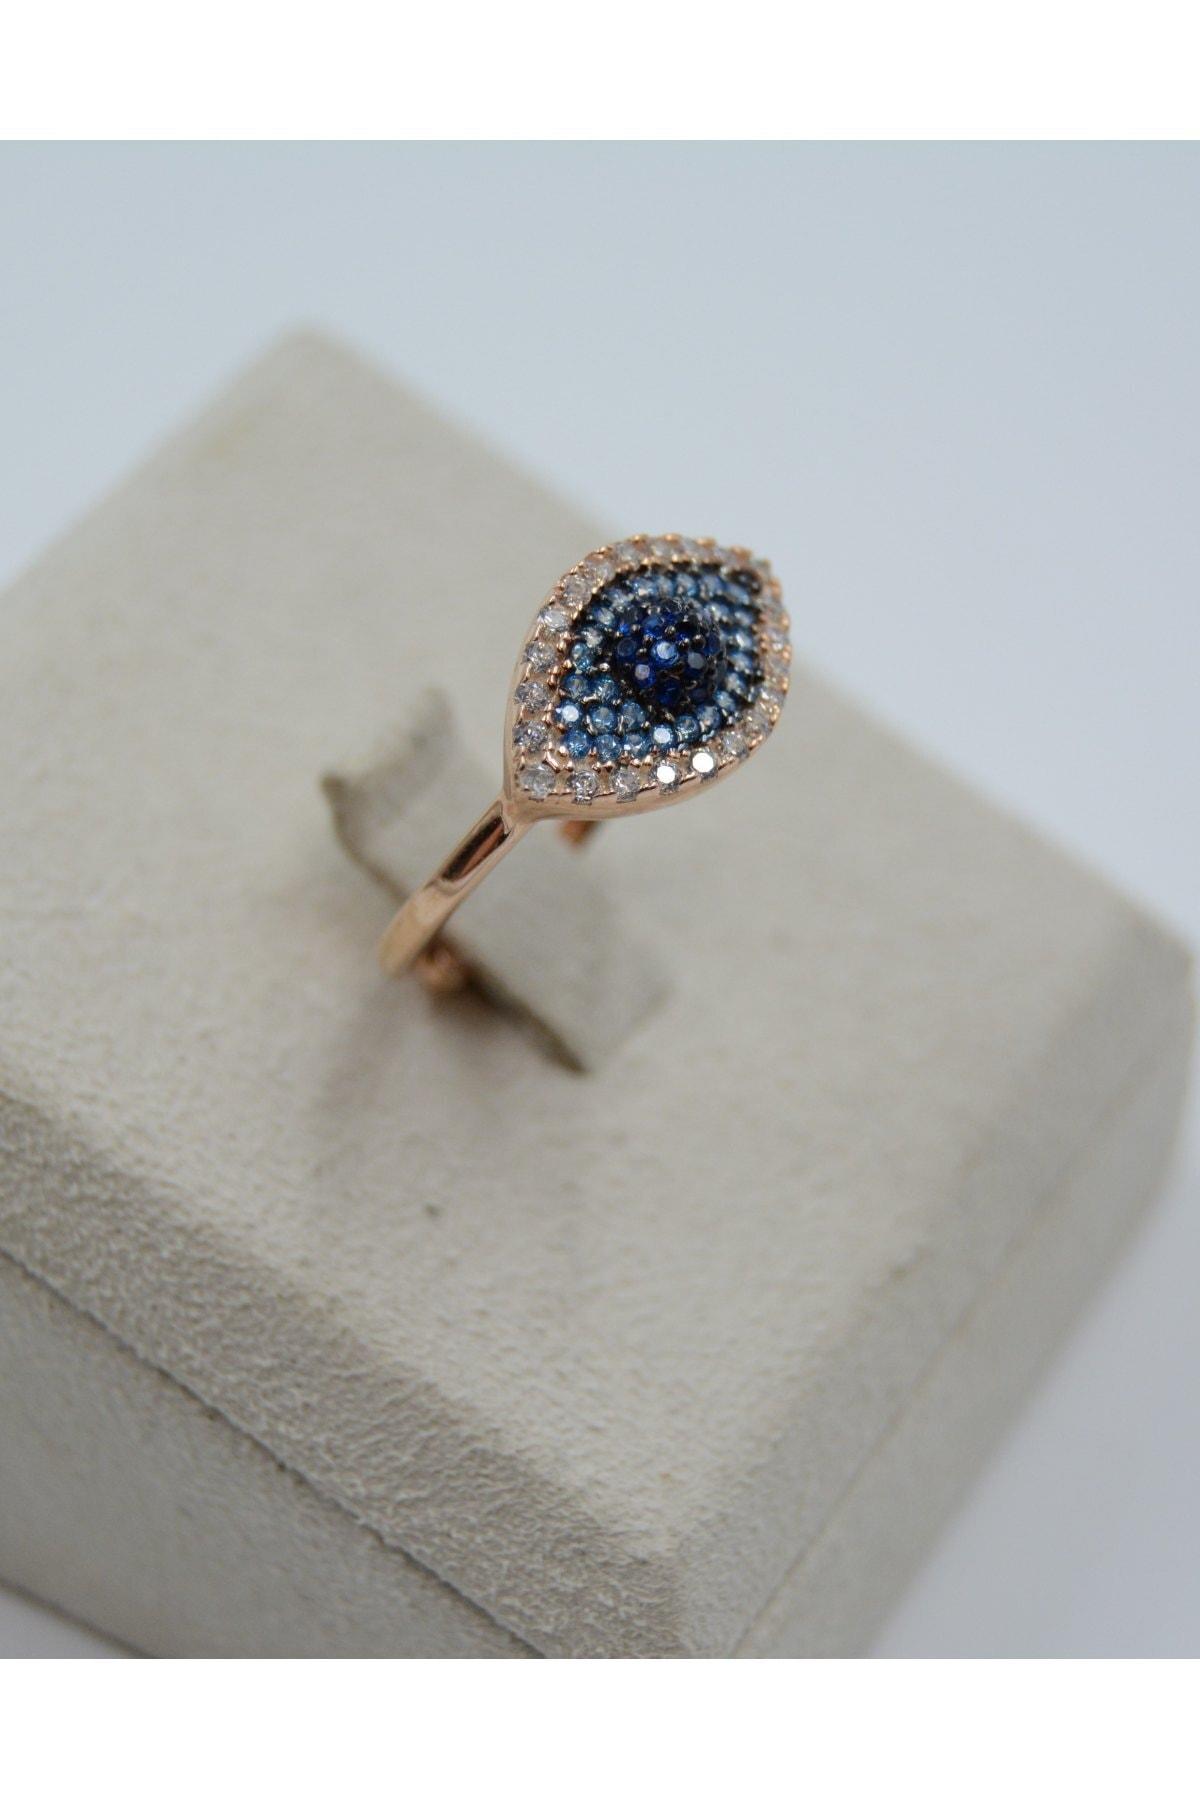 Swarovski Göz Desenli Mavi Zirkon Taşlı 925 Ayar Gümüş Kadın Yüzük 2